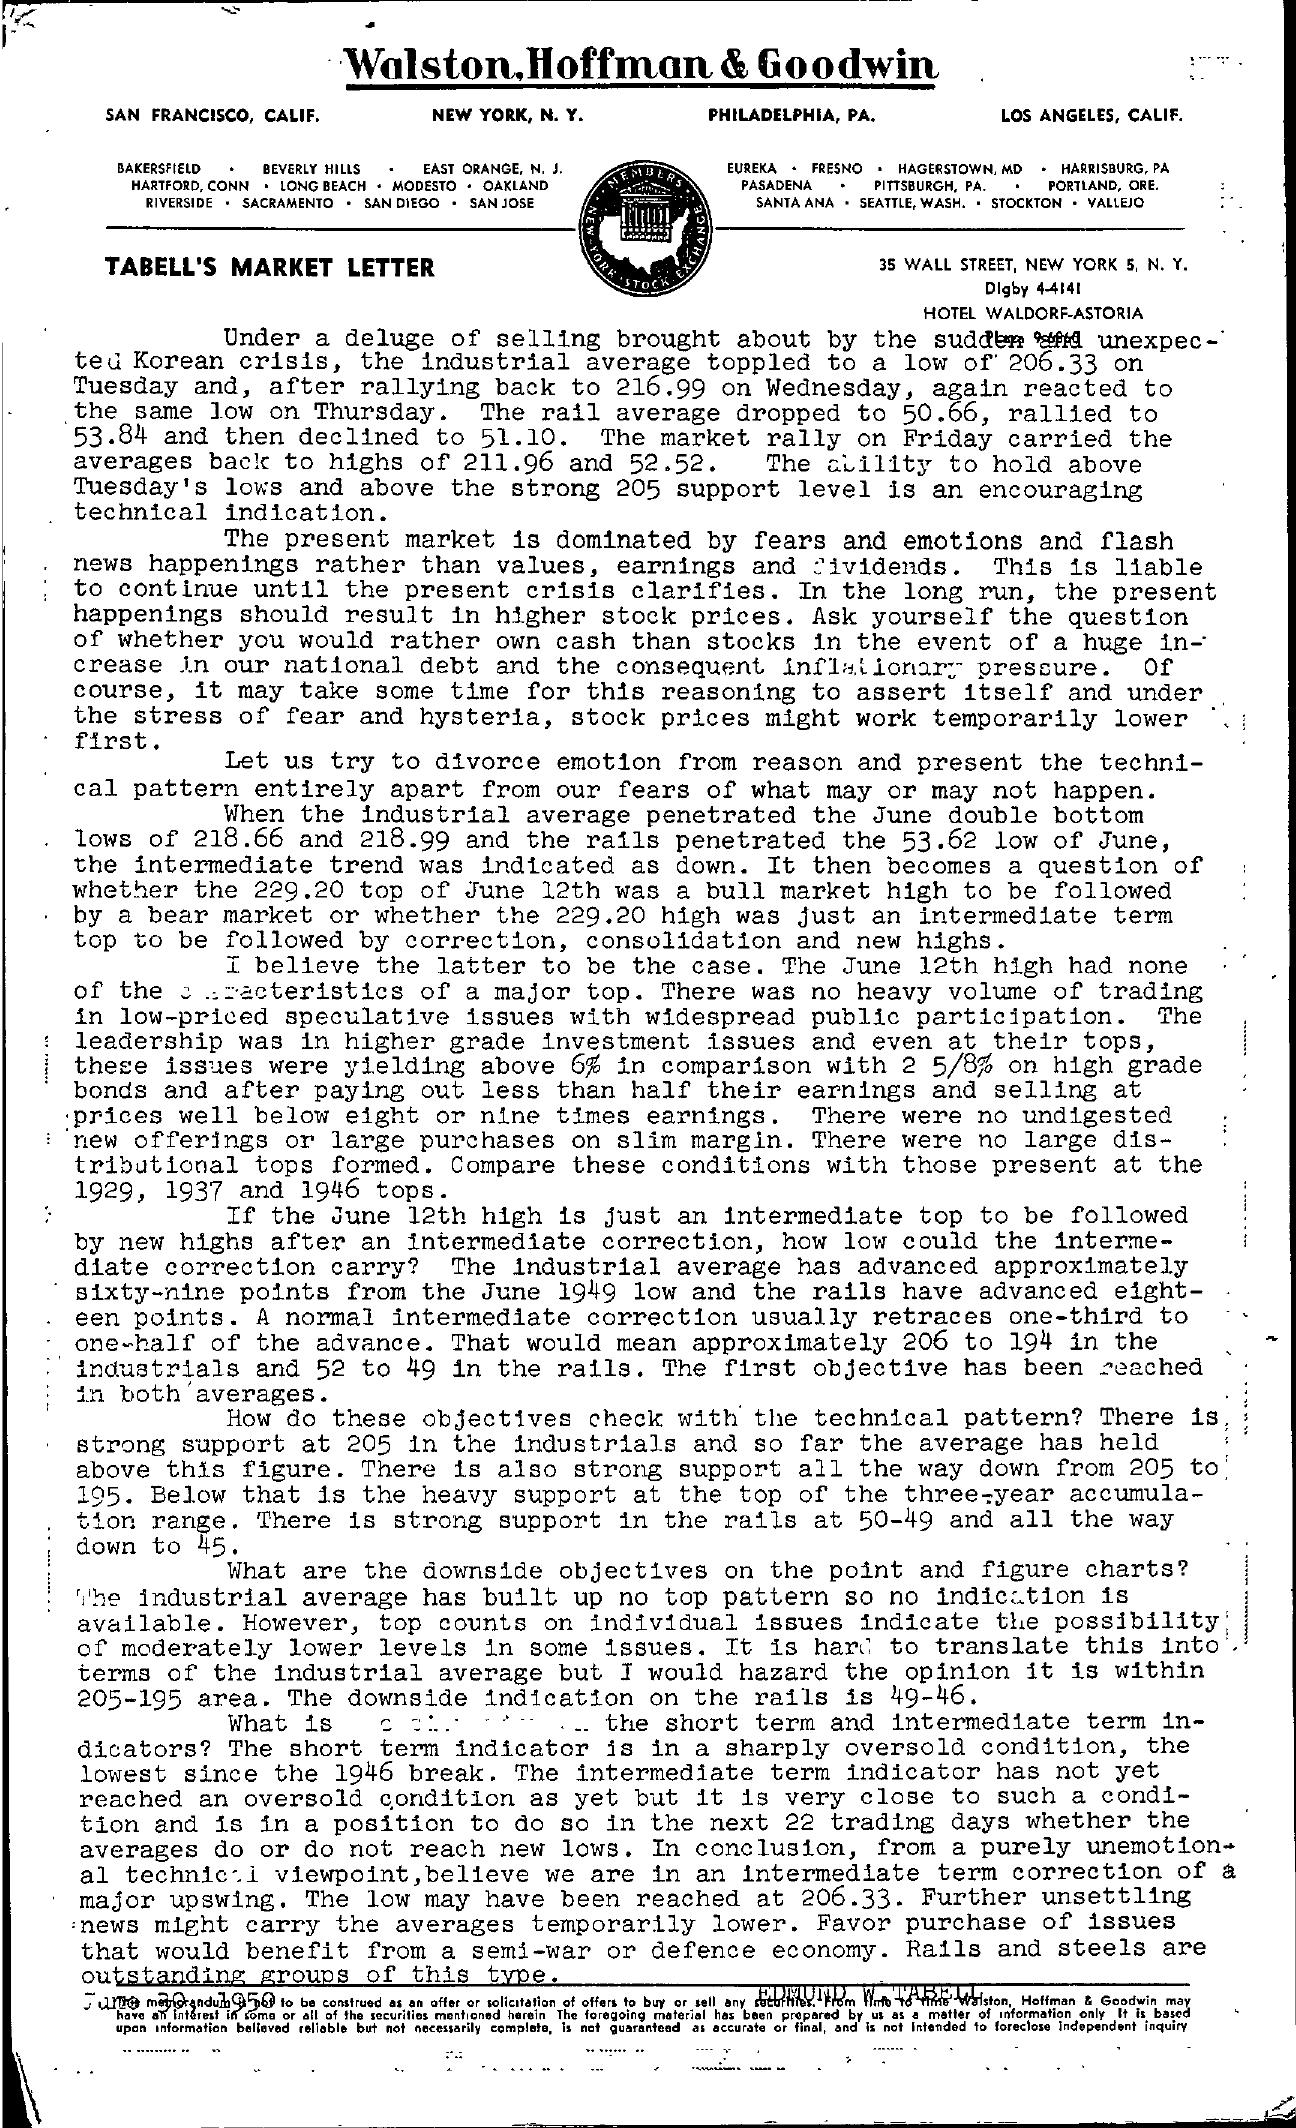 Tabell's Market Letter - June 30, 1950